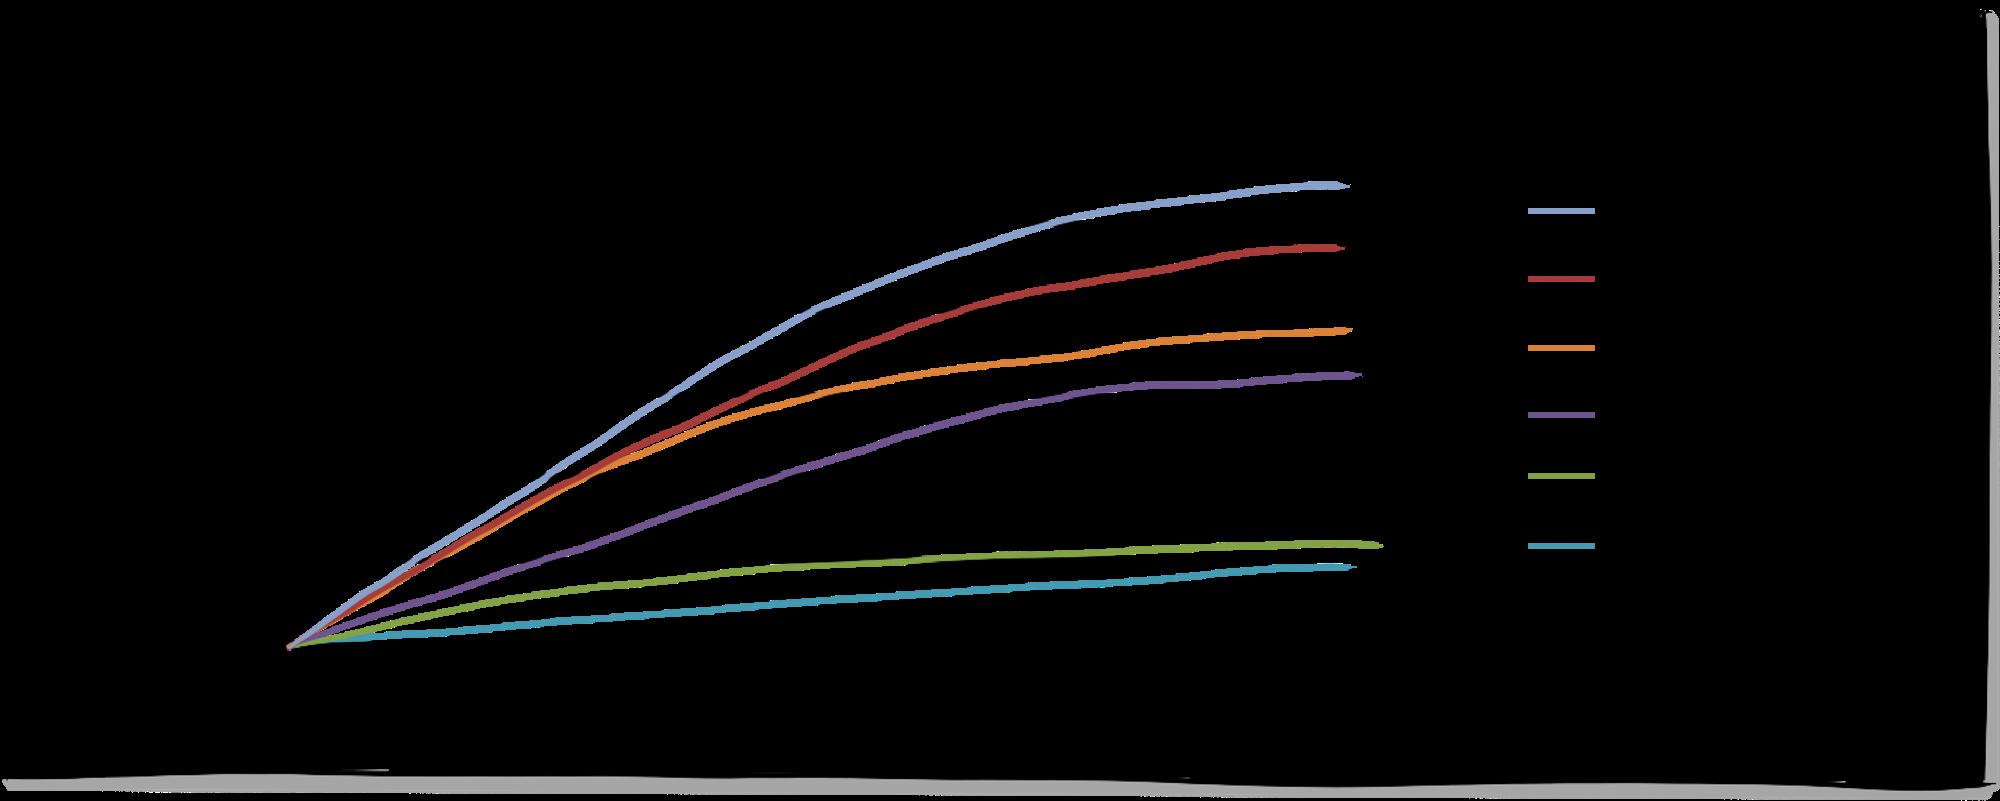 profitabilitaet-variantenmanagement-modularisierung-Skaleneffekte